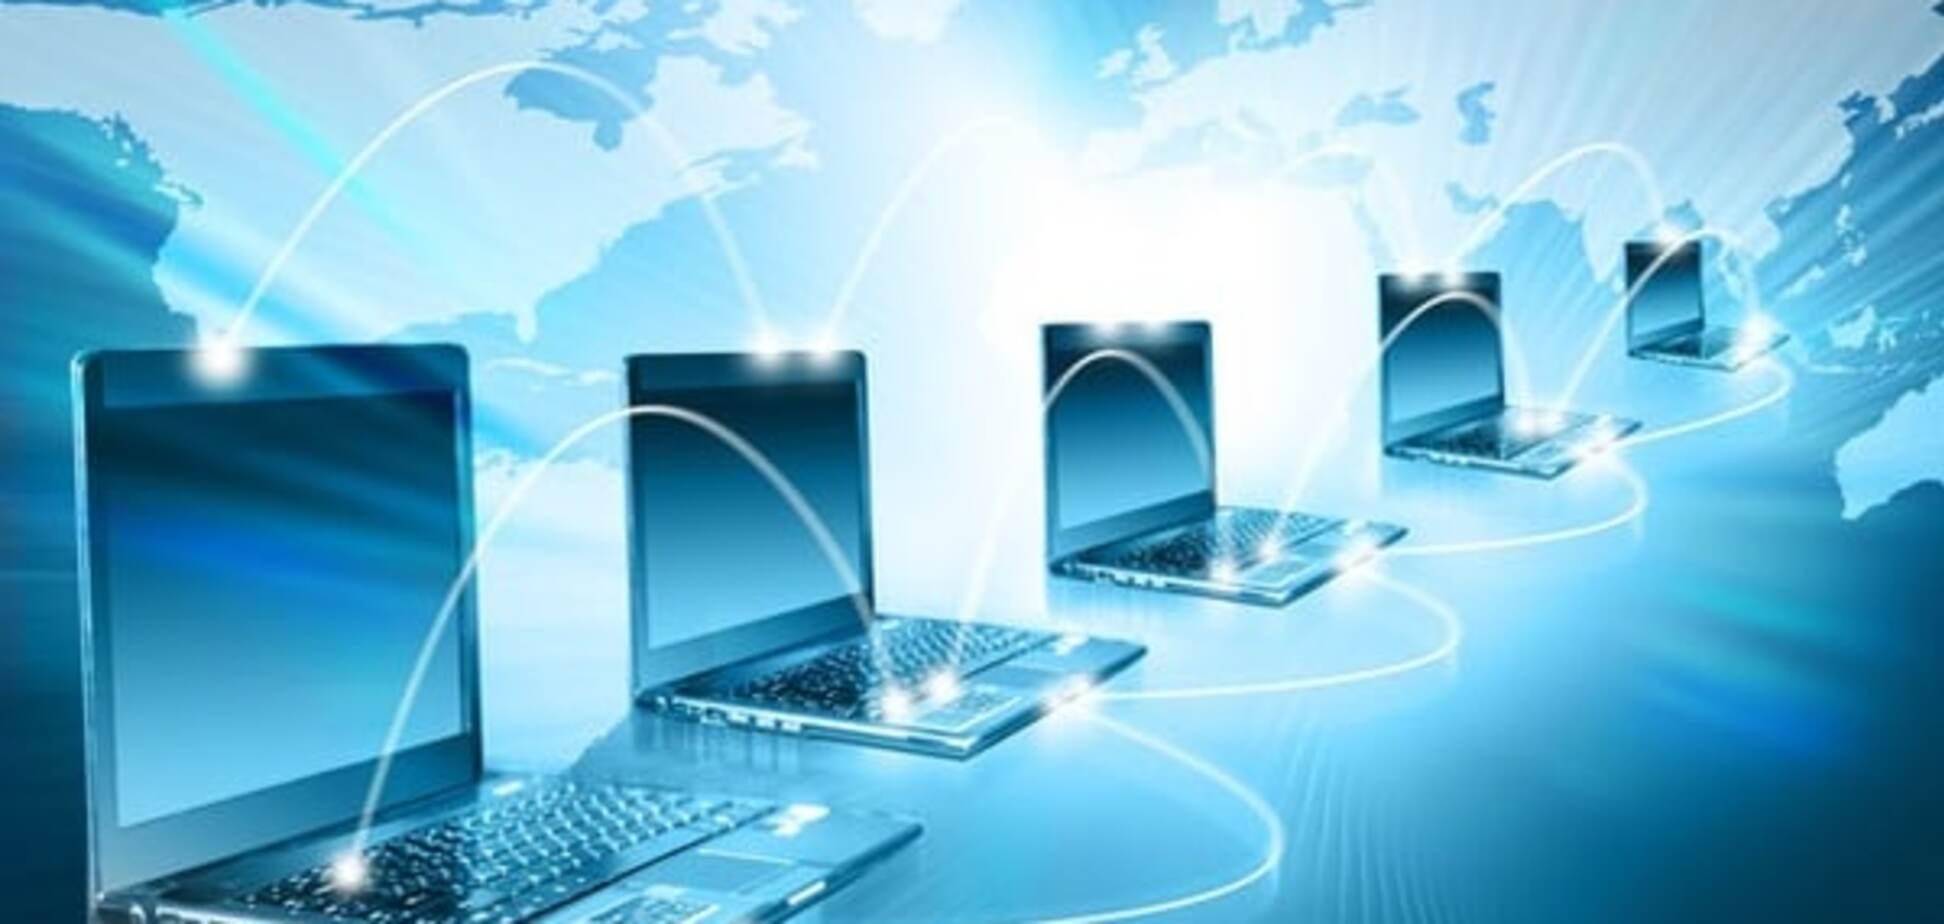 В пику Индии: эксперт рассказал, что ждет украинский рынок ІТ-услуг